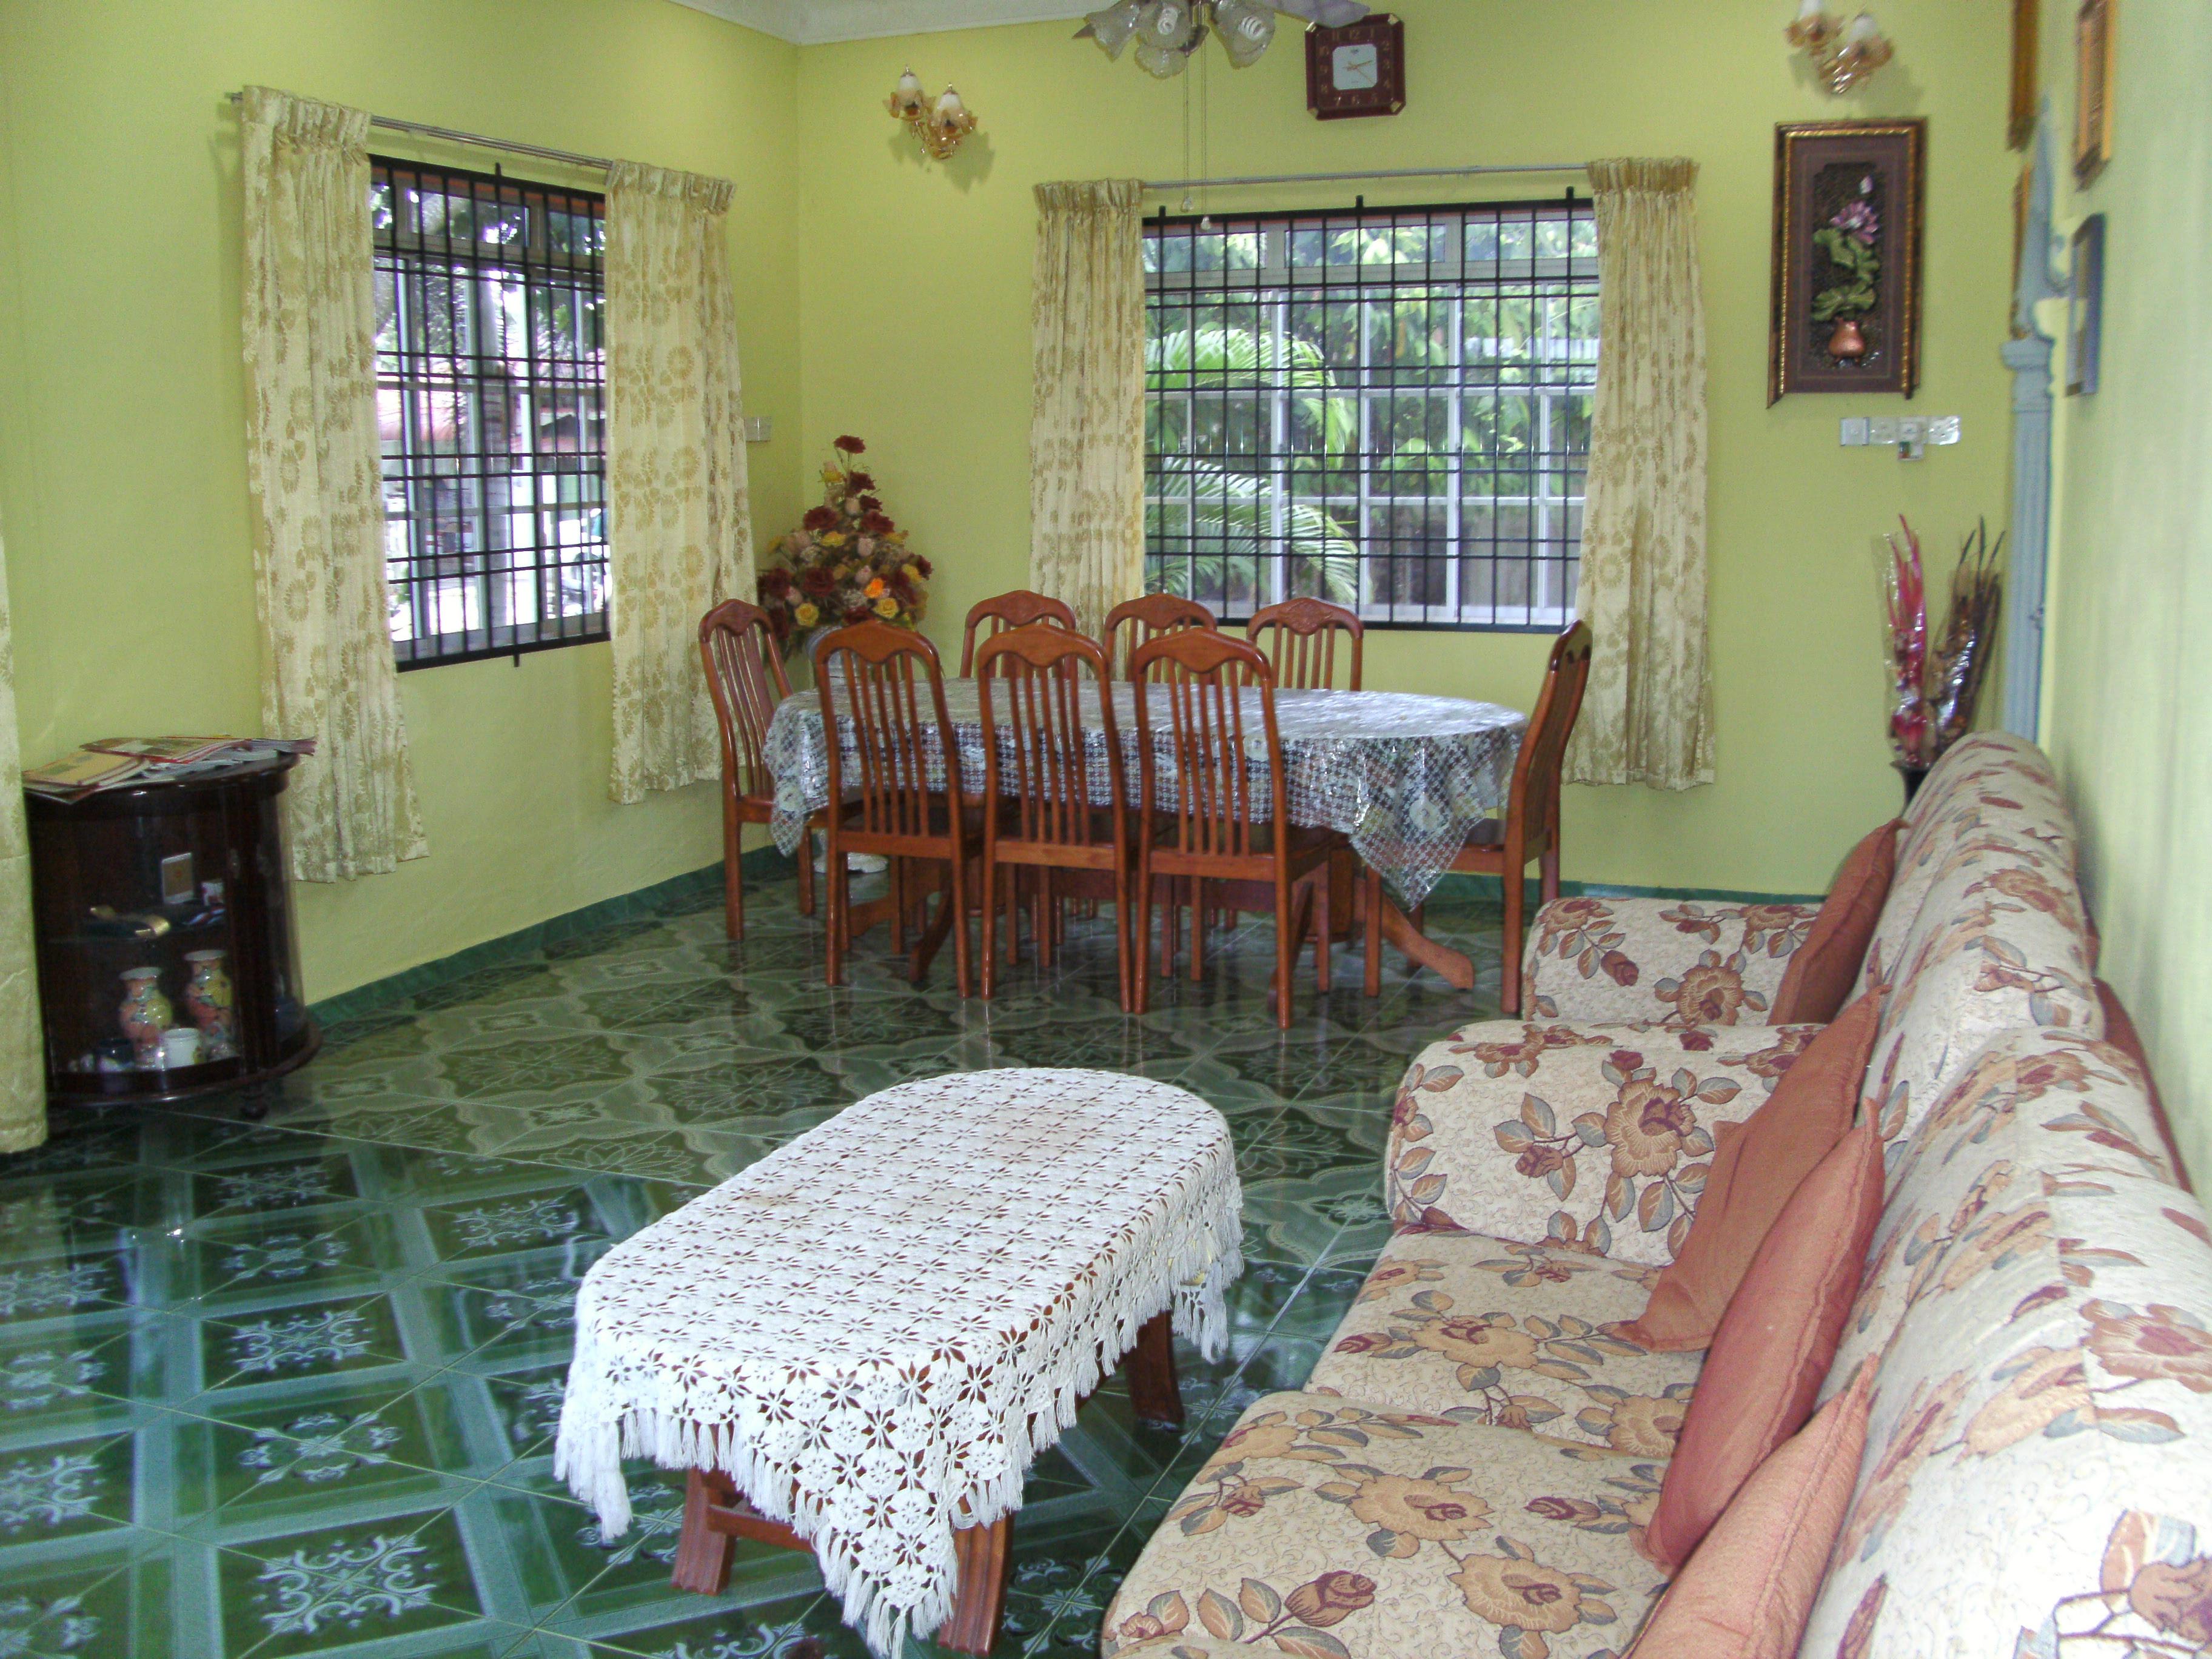 Gambar Ruang Tamu Rumah Flat Wallskid